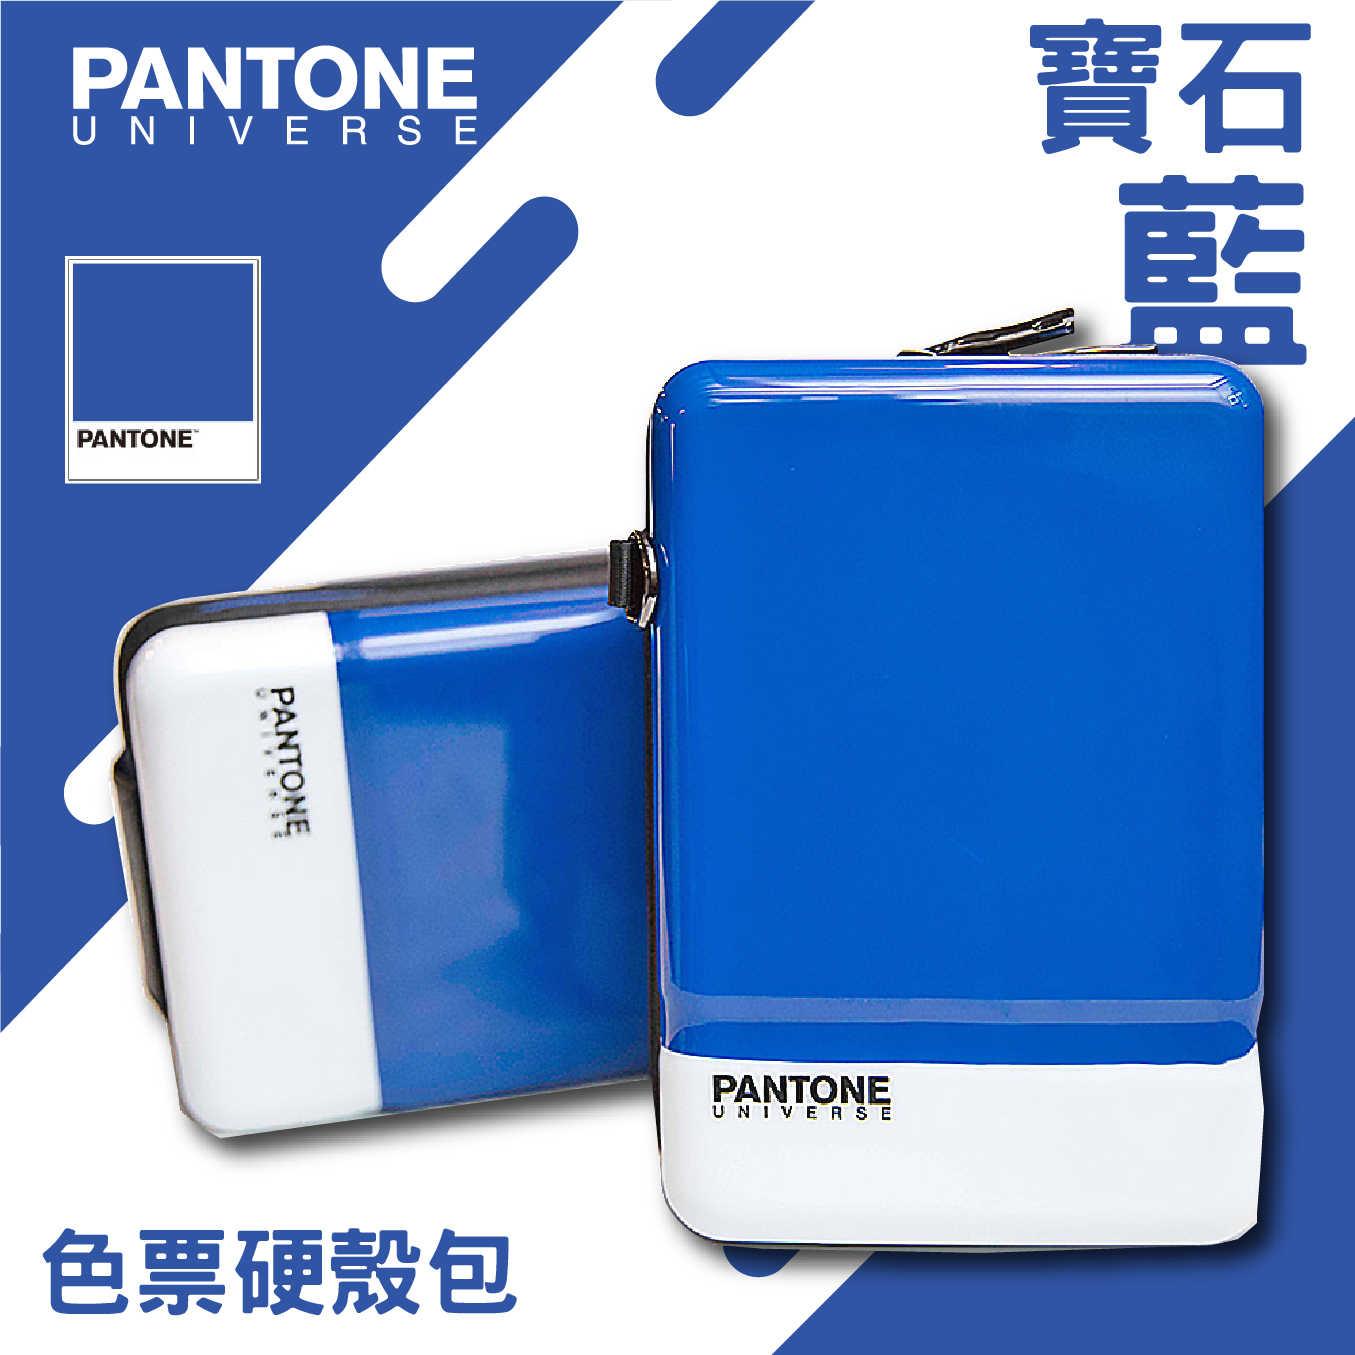 台灣限定 PANTONE 色票硬殼包-桃紅/寶藍/土耳其藍 化妝包 收納包 可肩背附背帶 手機包